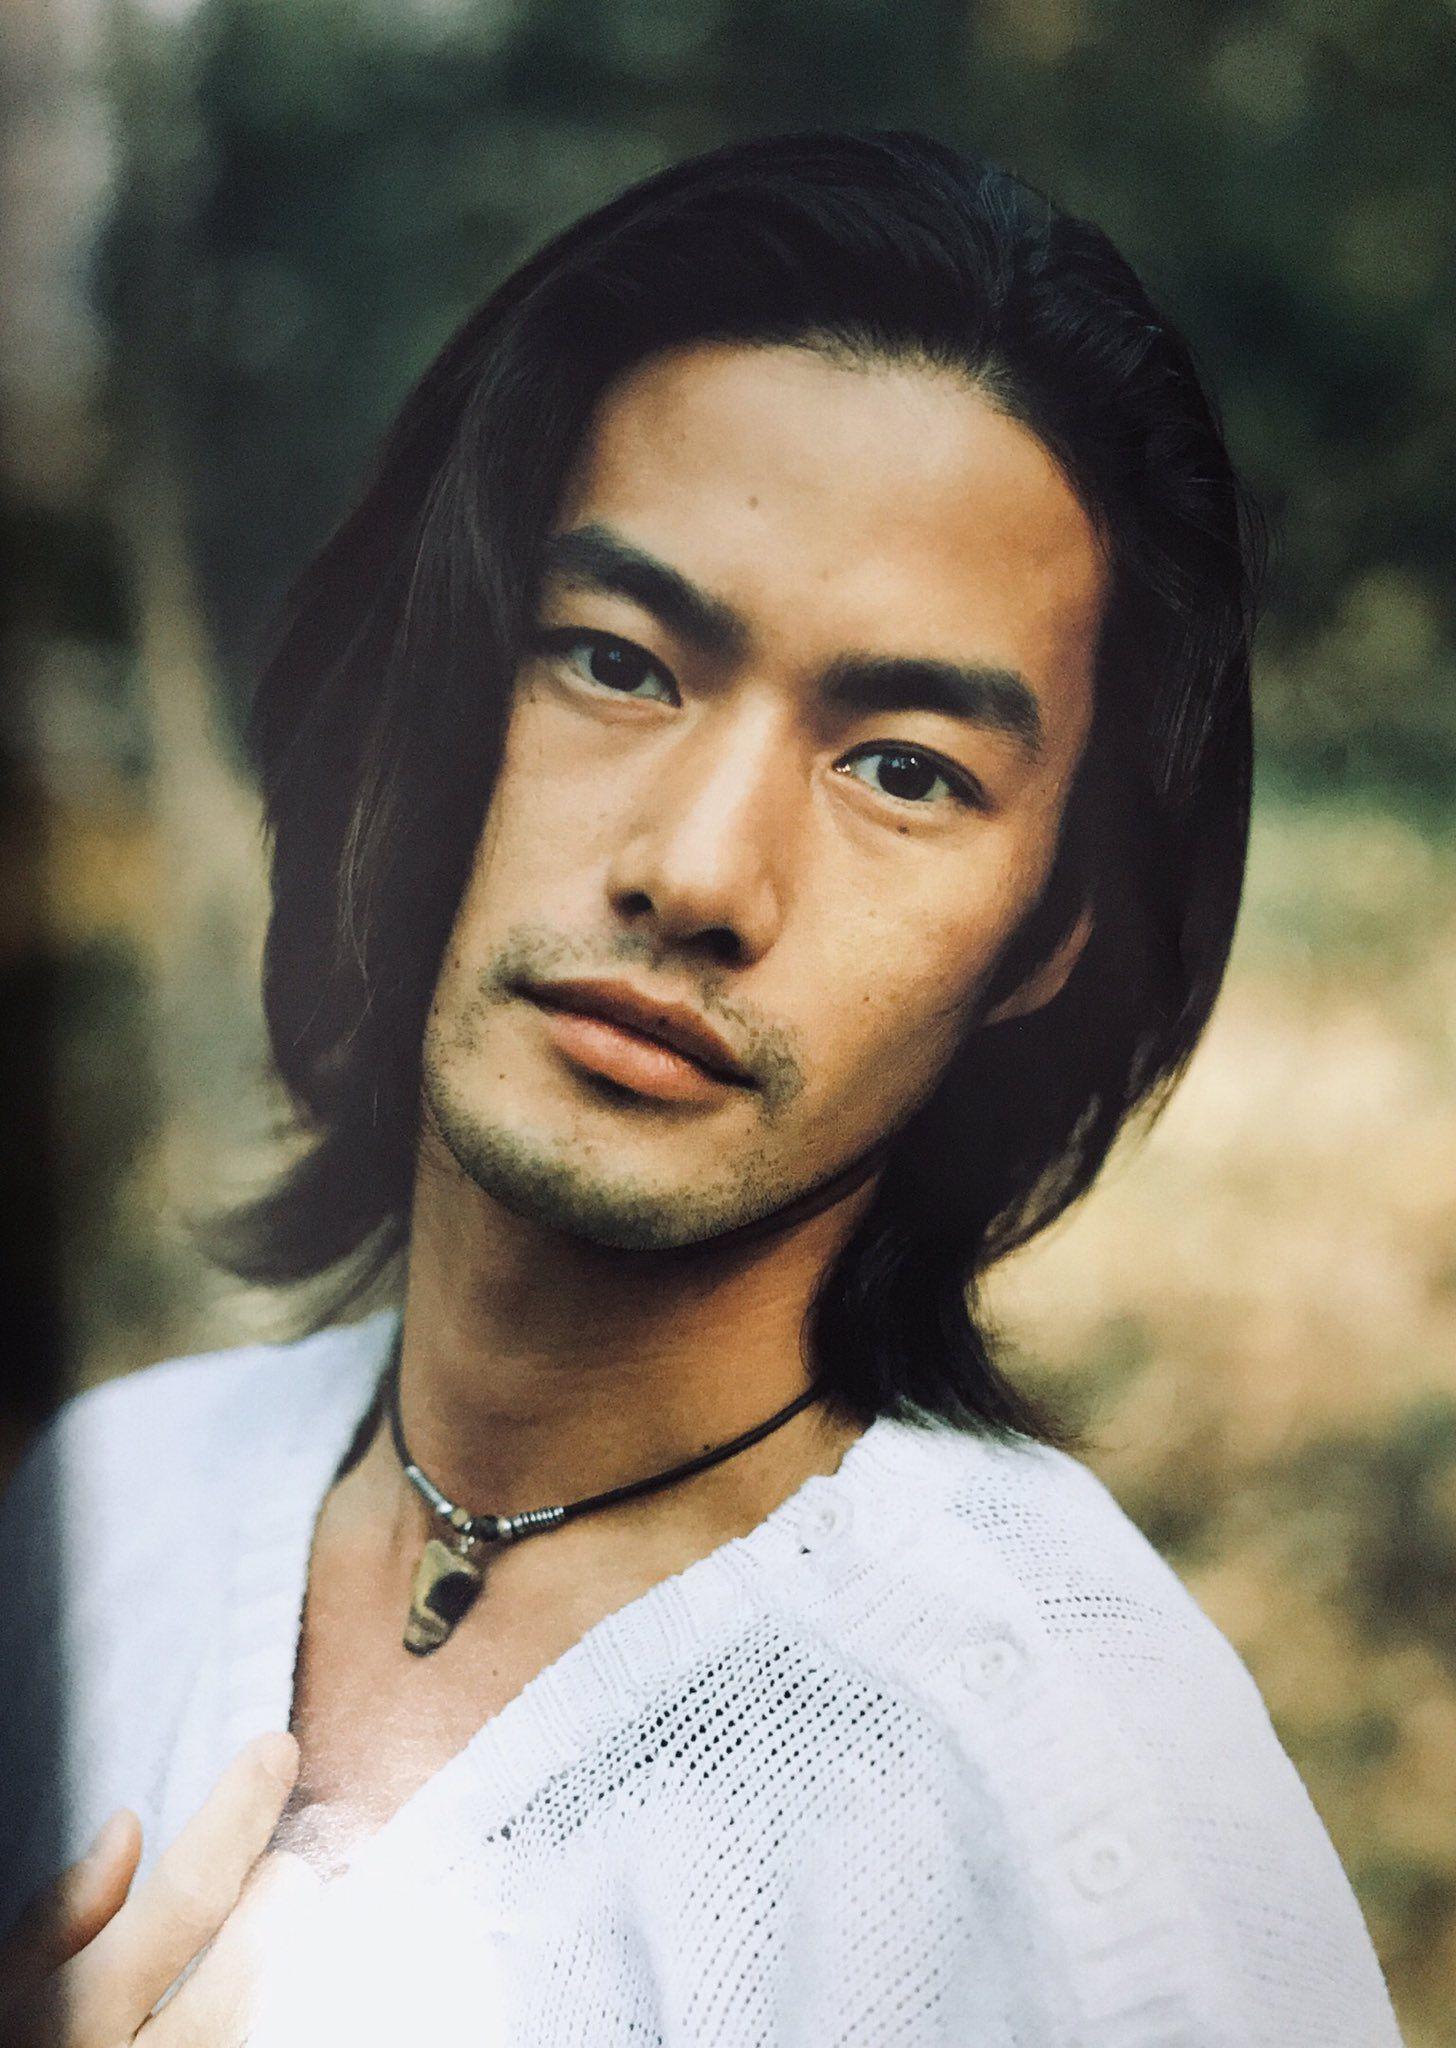 Yutaka Takenouchi 竹野内豊 長い髪の男 メンズヘアスタイル ロング メンズ ヘアスタイル